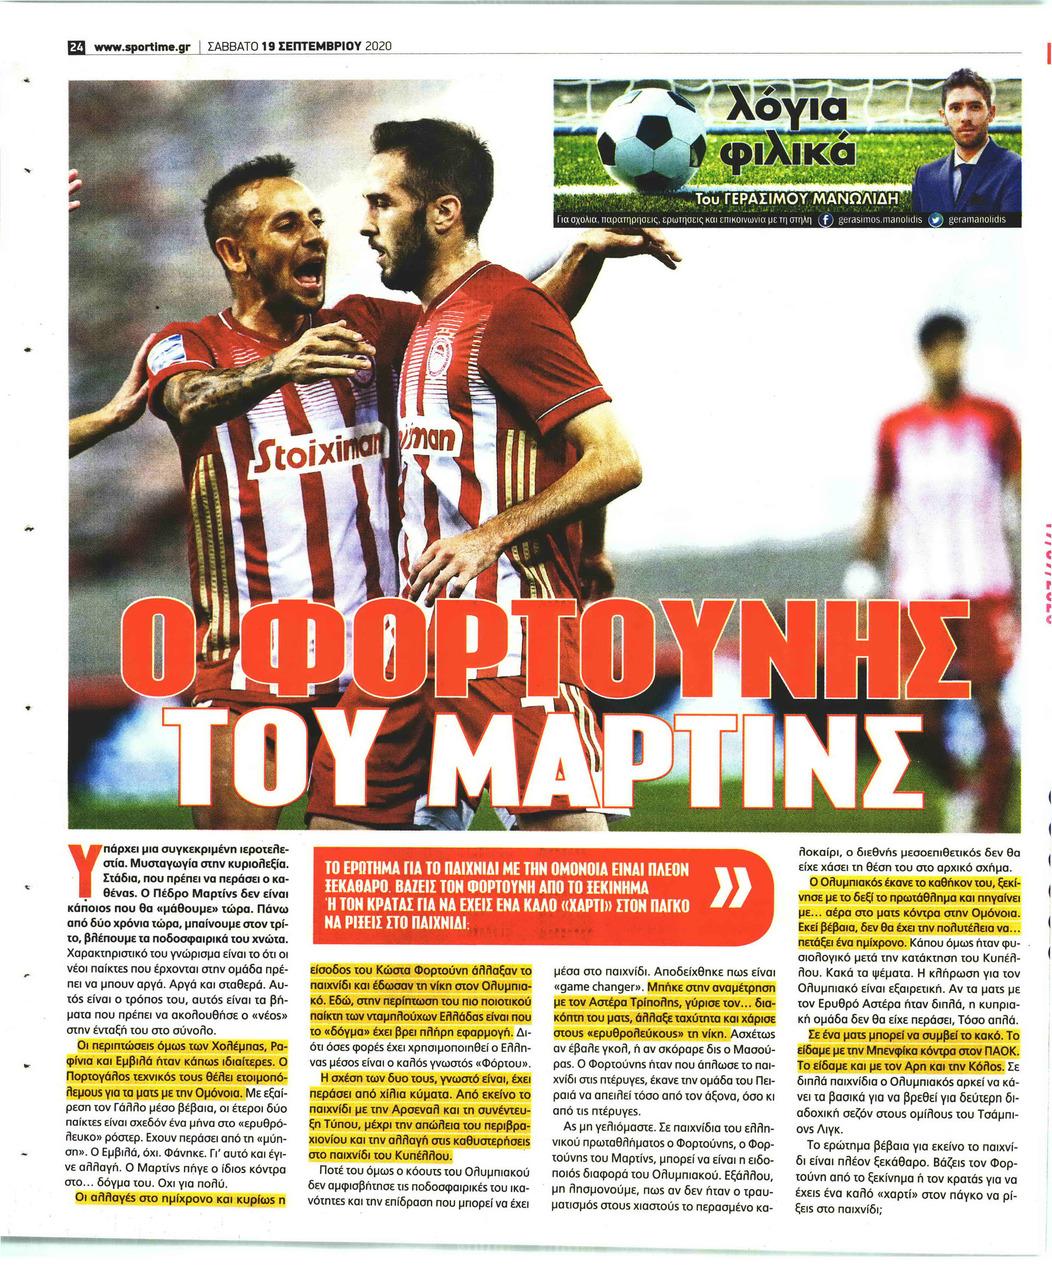 Οπισθόφυλλο εφημερίδας Sportime